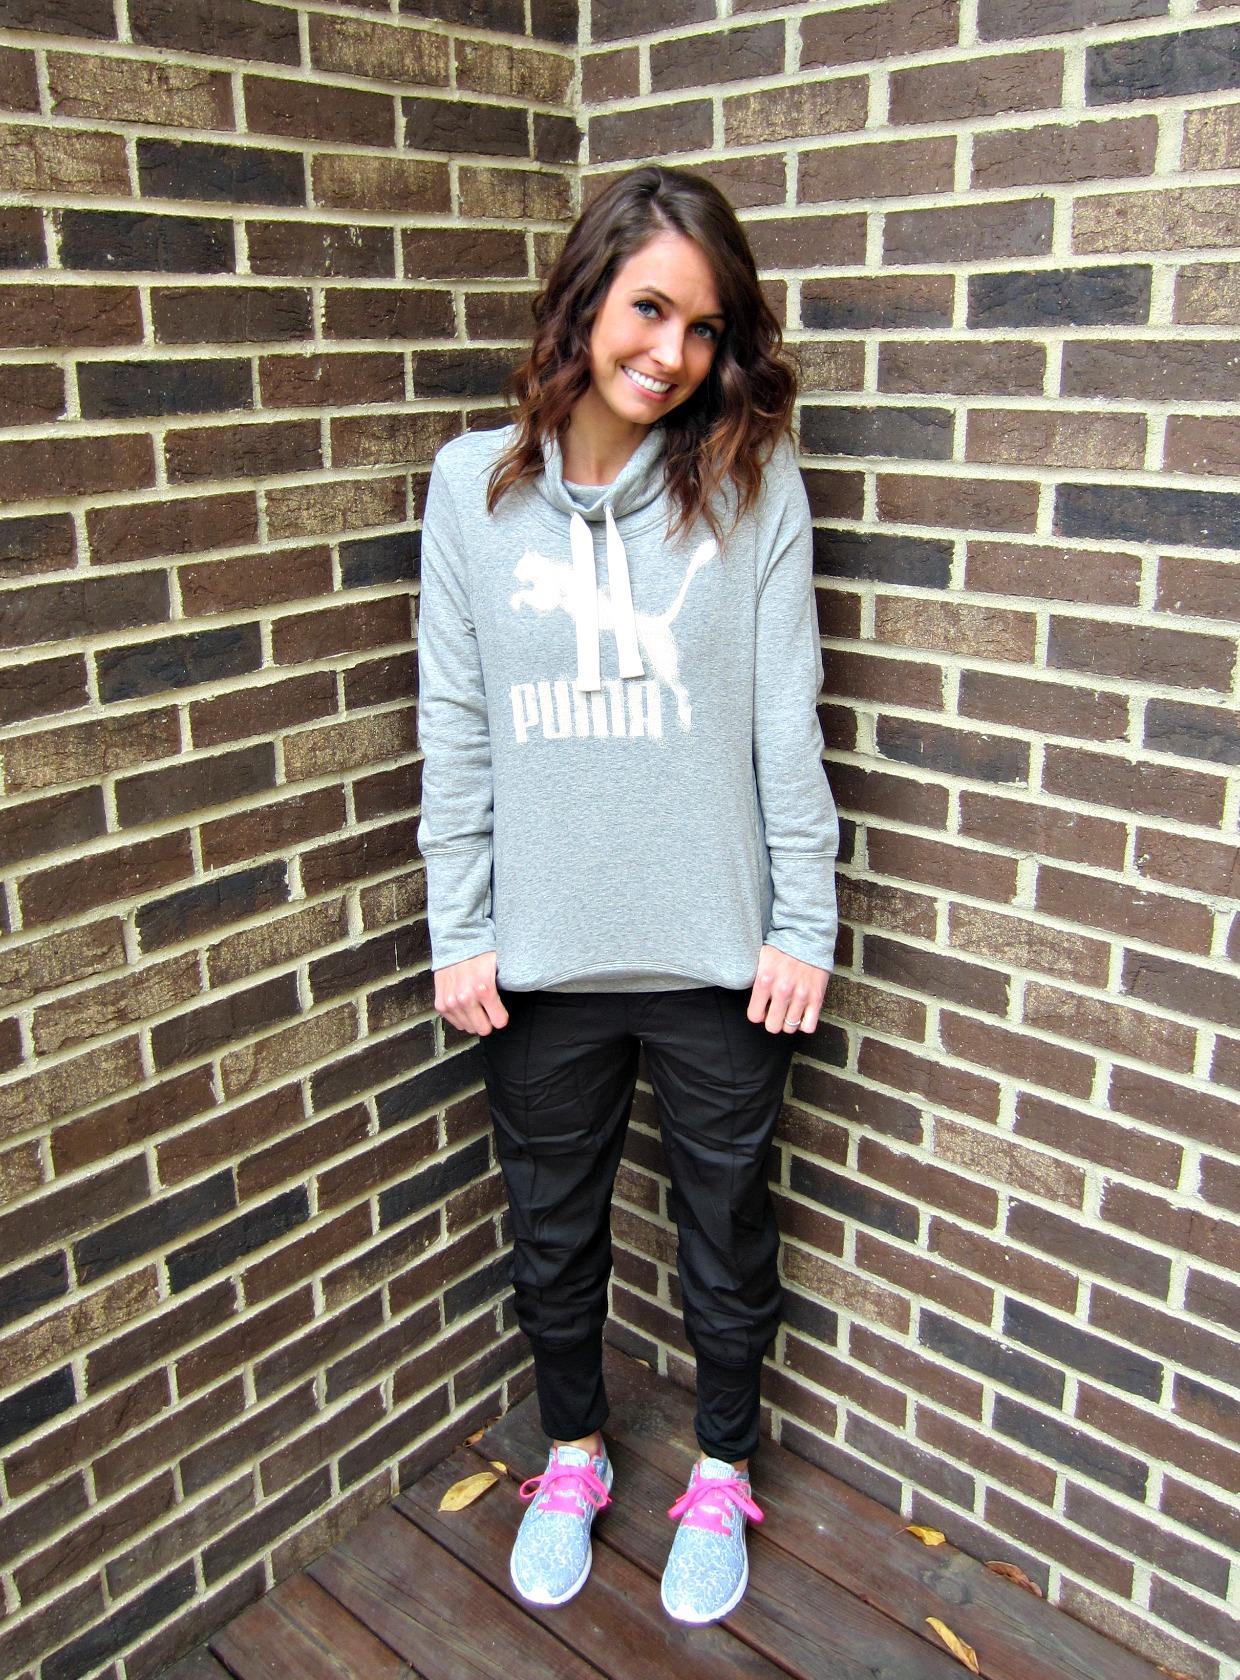 Puma Fitness Fashion Comfort Wear Fall 2014